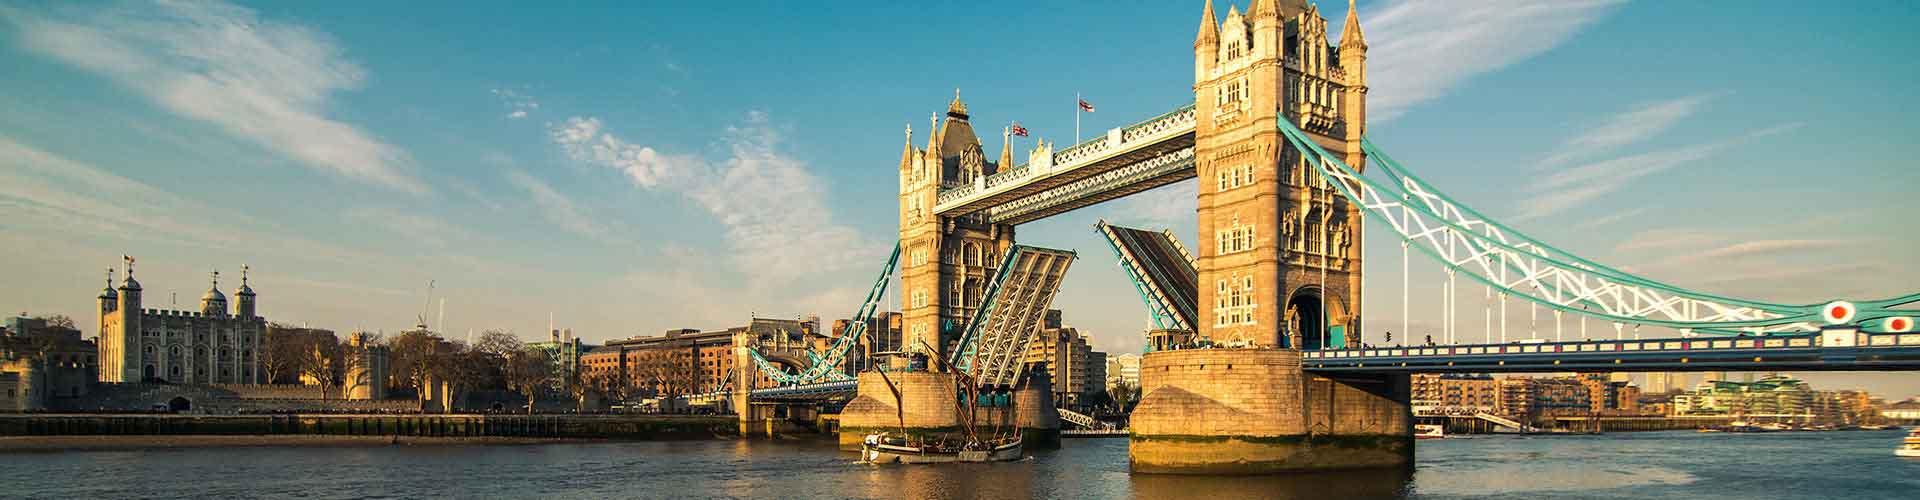 伦敦 – 伦敦塔桥附近的青年旅舍。伦敦地图,伦敦每家青年旅舍的照片和评价。